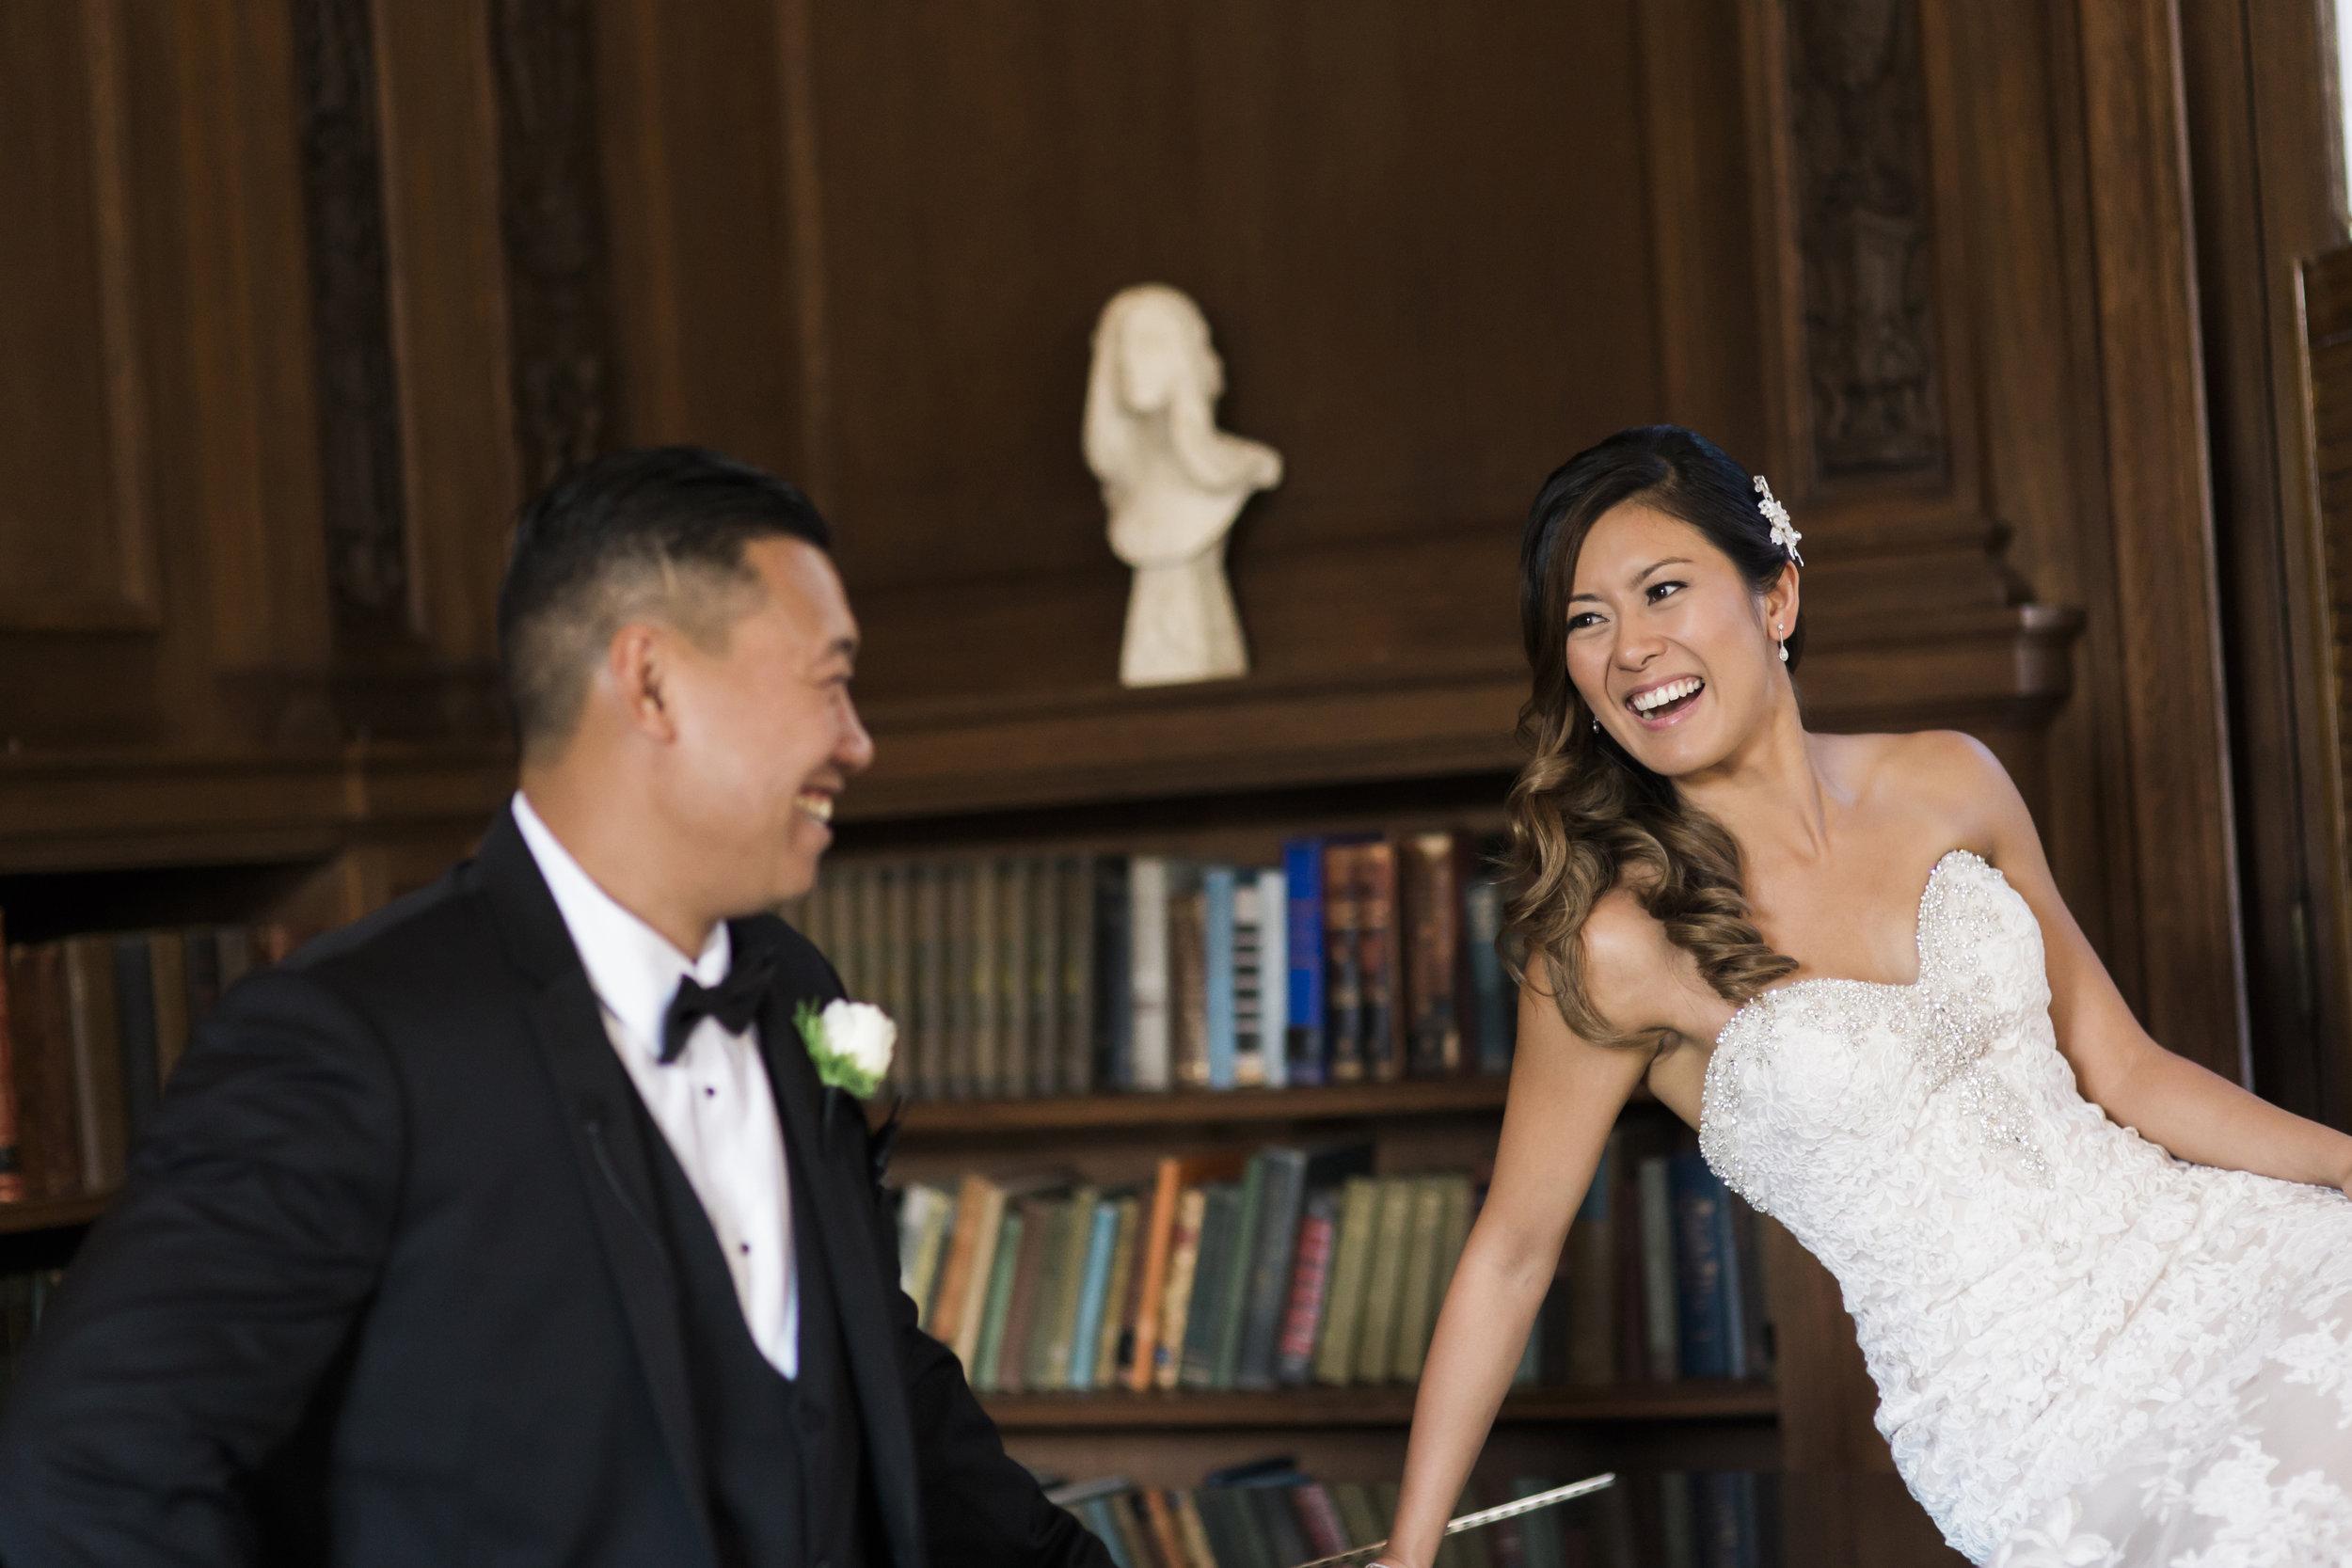 carien-will-wedding-209-(ZF-2465-09696-1-011).jpg